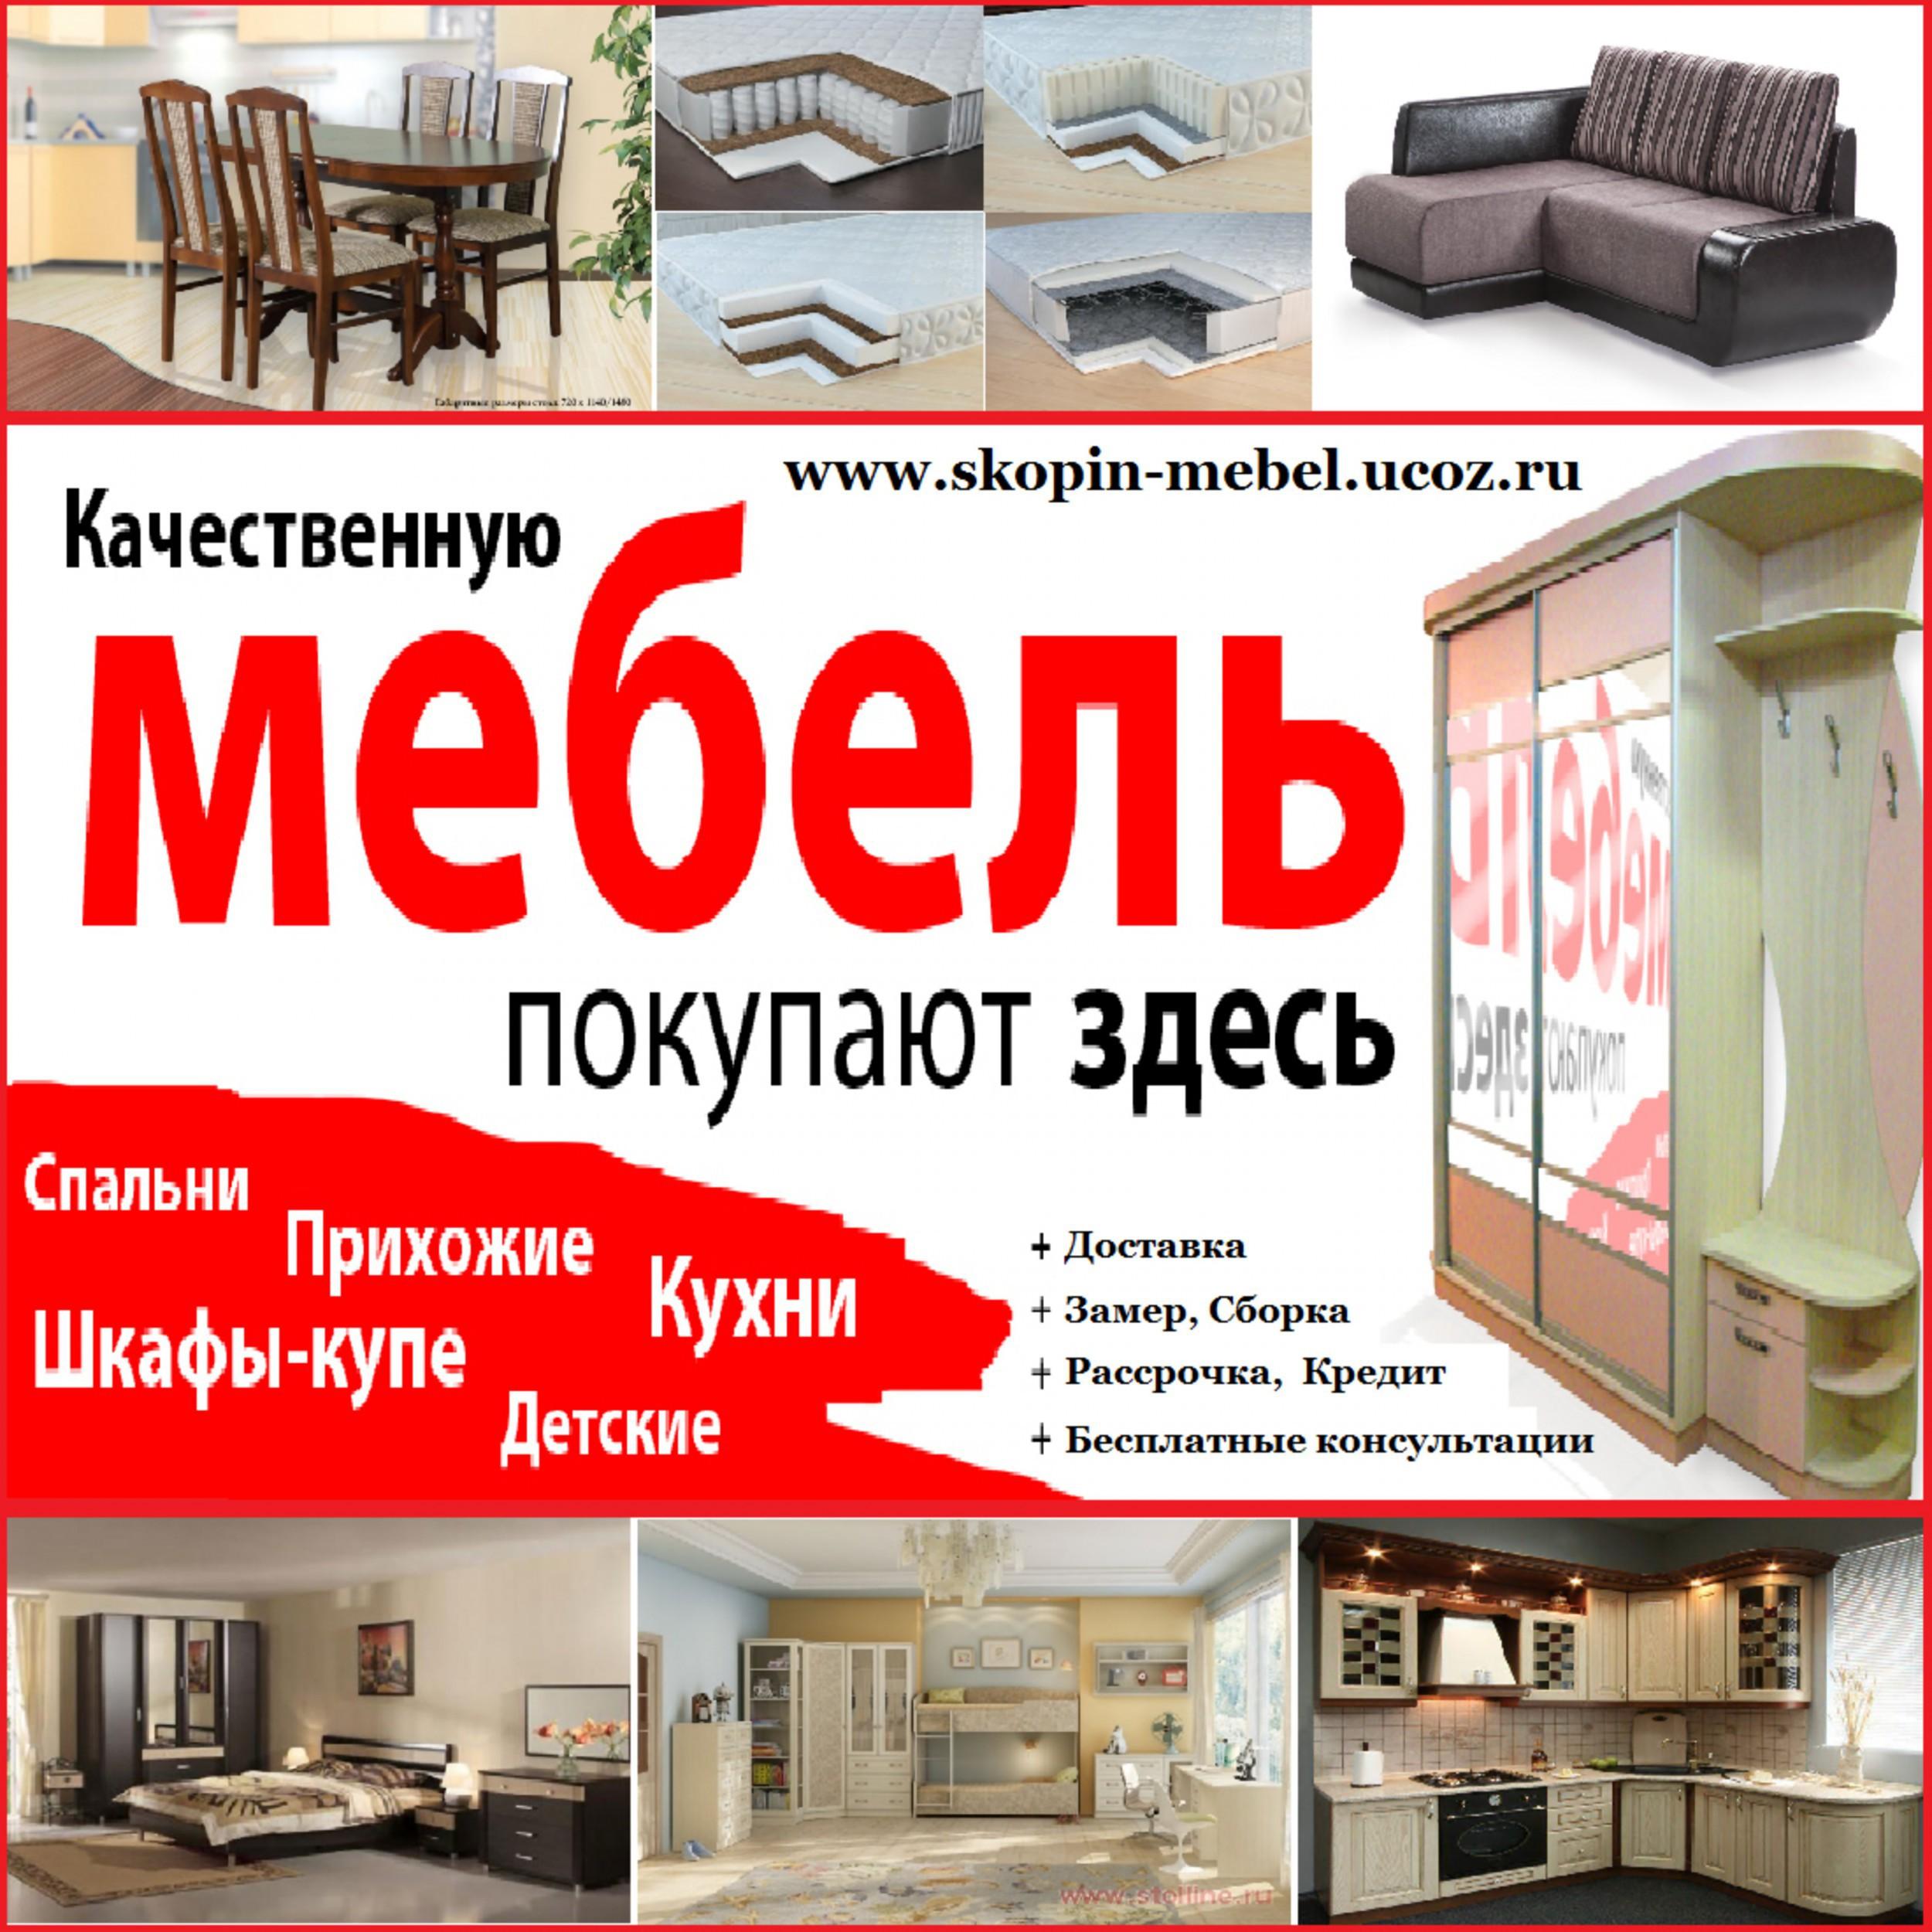 Фото - Лучшая Мебель в Скопине.